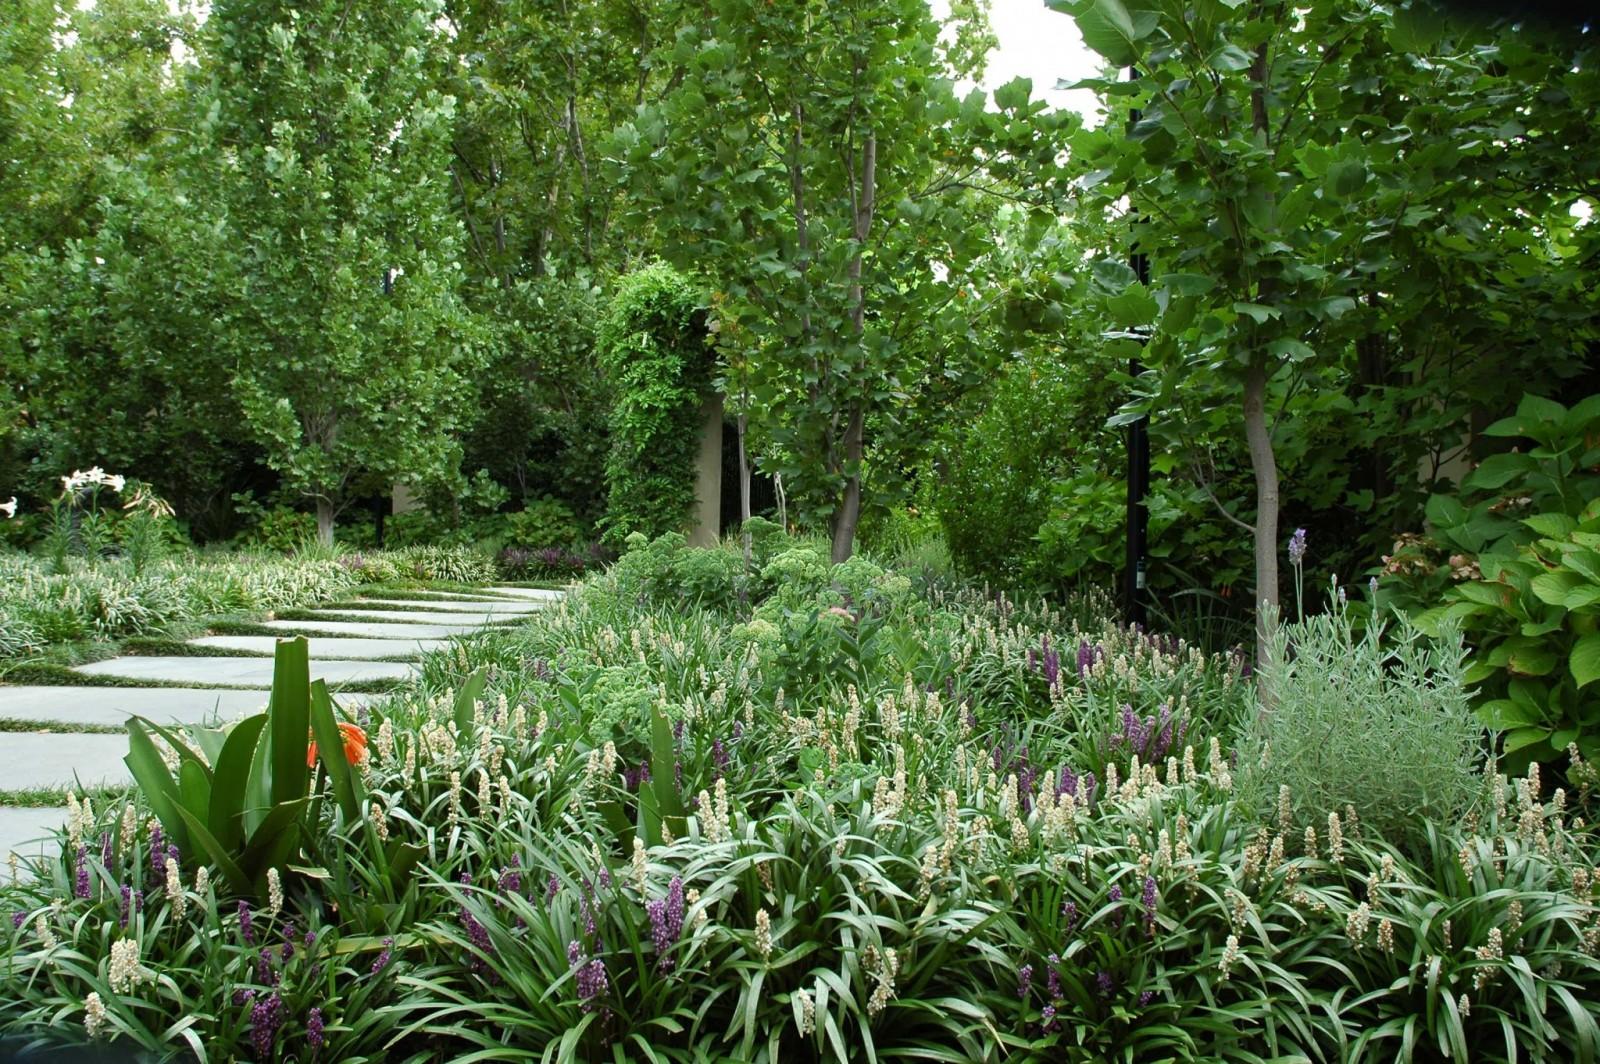 lillie-garden-by-eckersley-garden-architecture-malvern-victoria-2